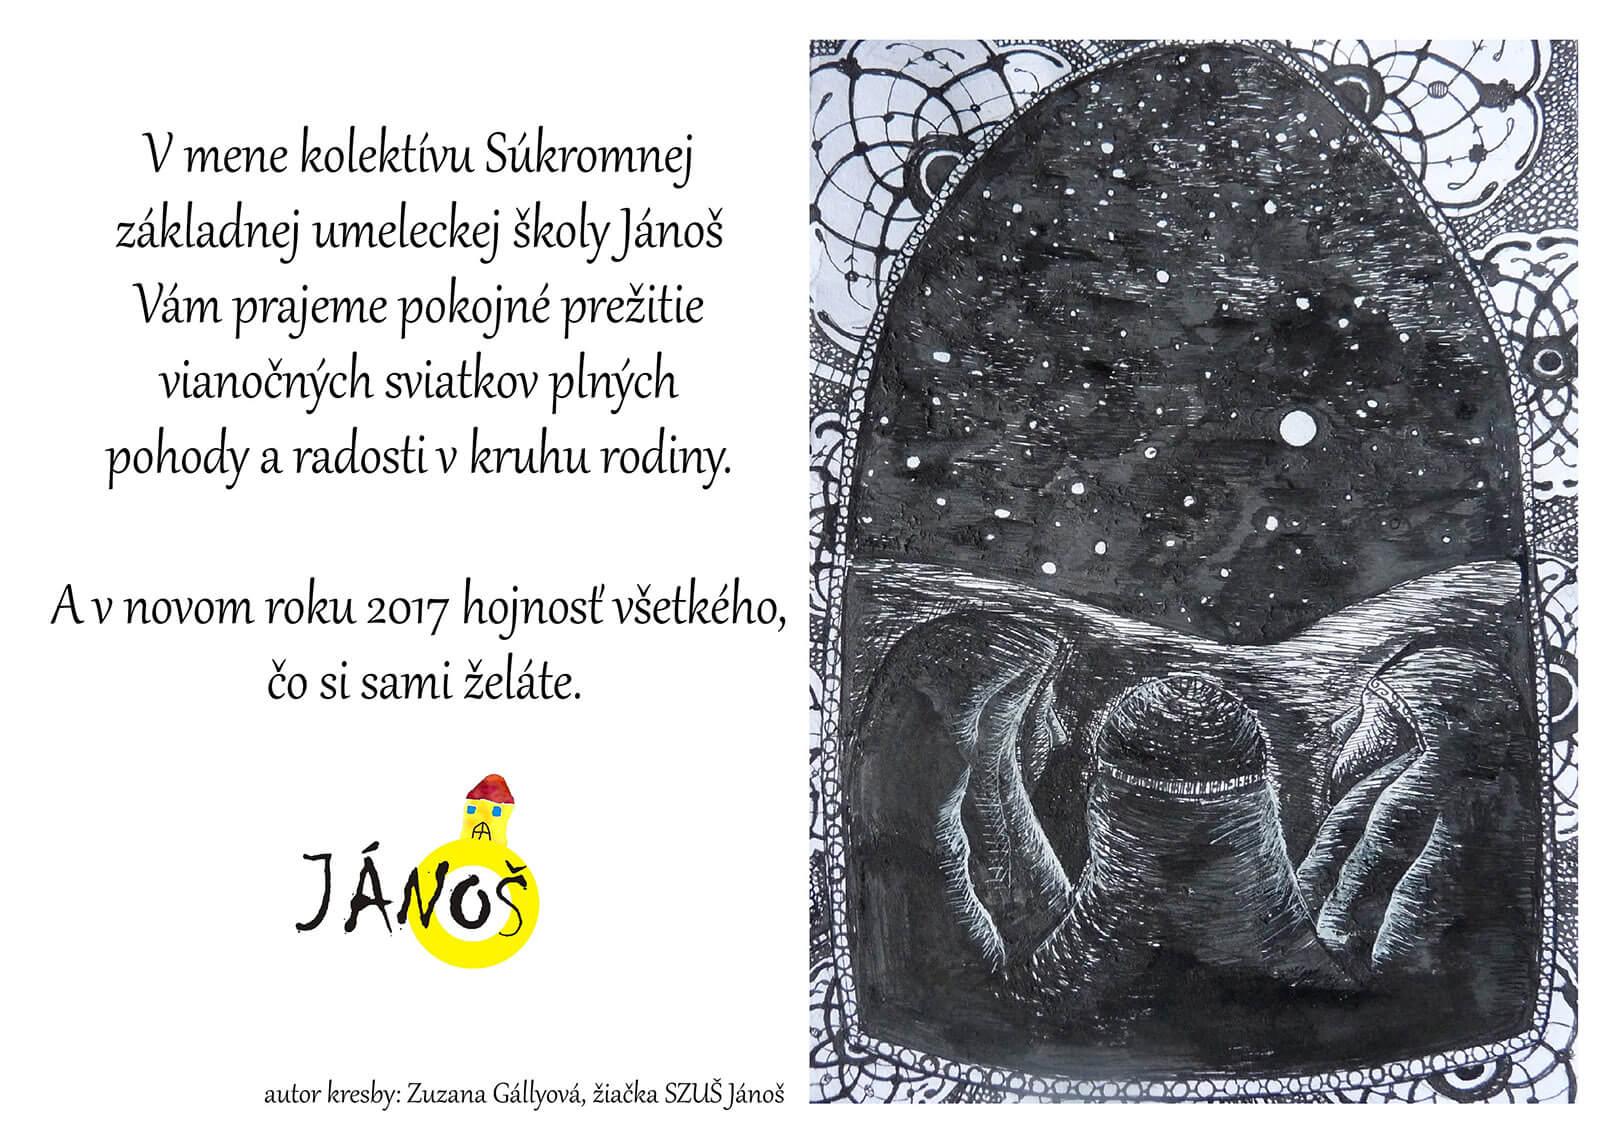 vianocne-prianie-szus-janos_net